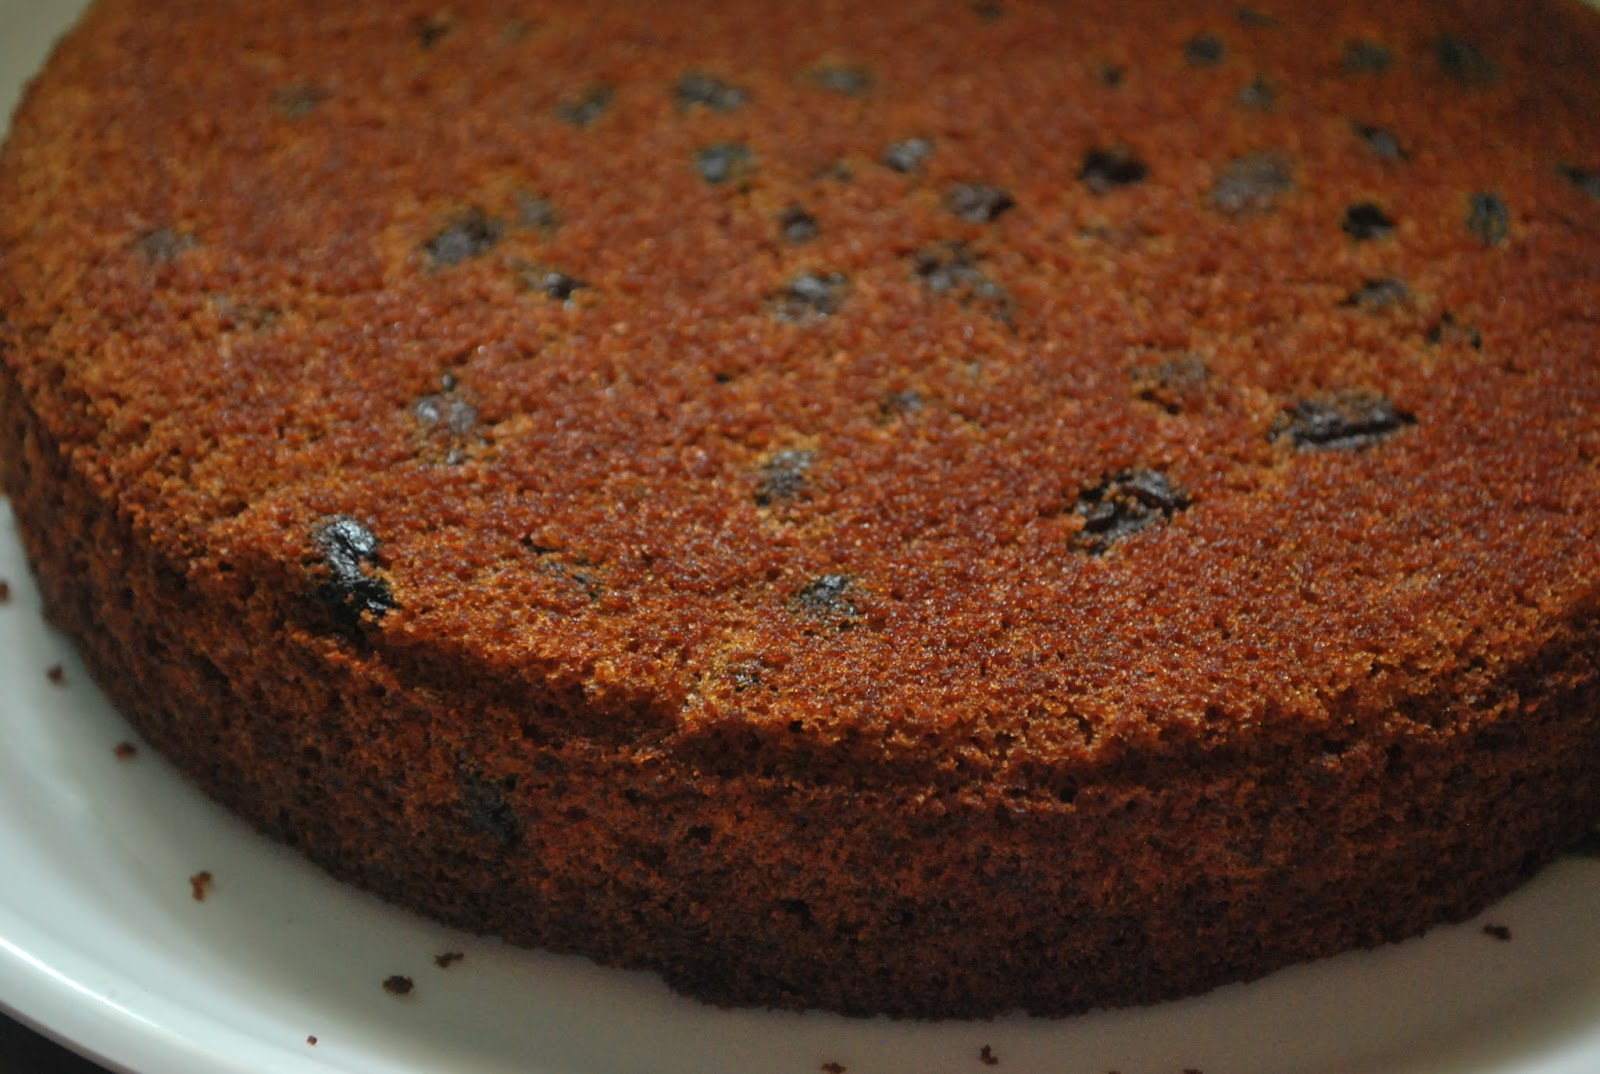 Chocolate Cake With Rum And Raisins